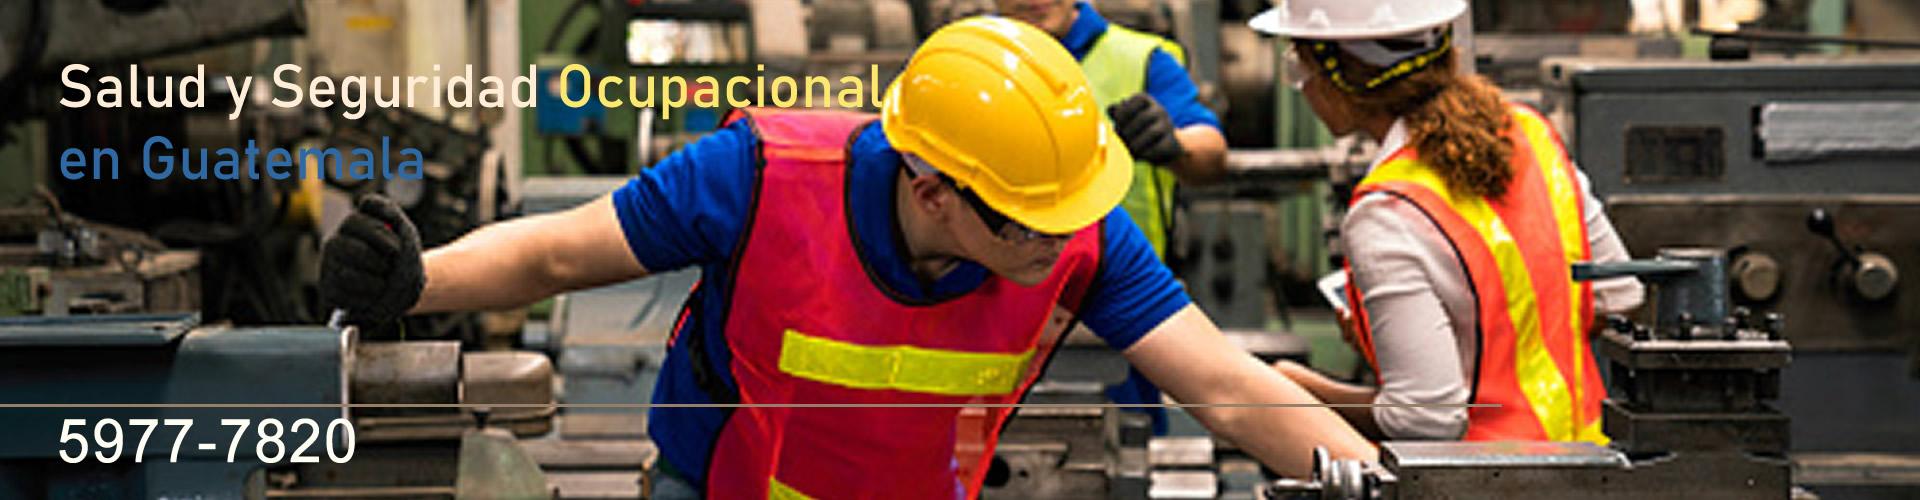 Implementación de planes de Salud y Seguridad Ocupacional en Guatemala